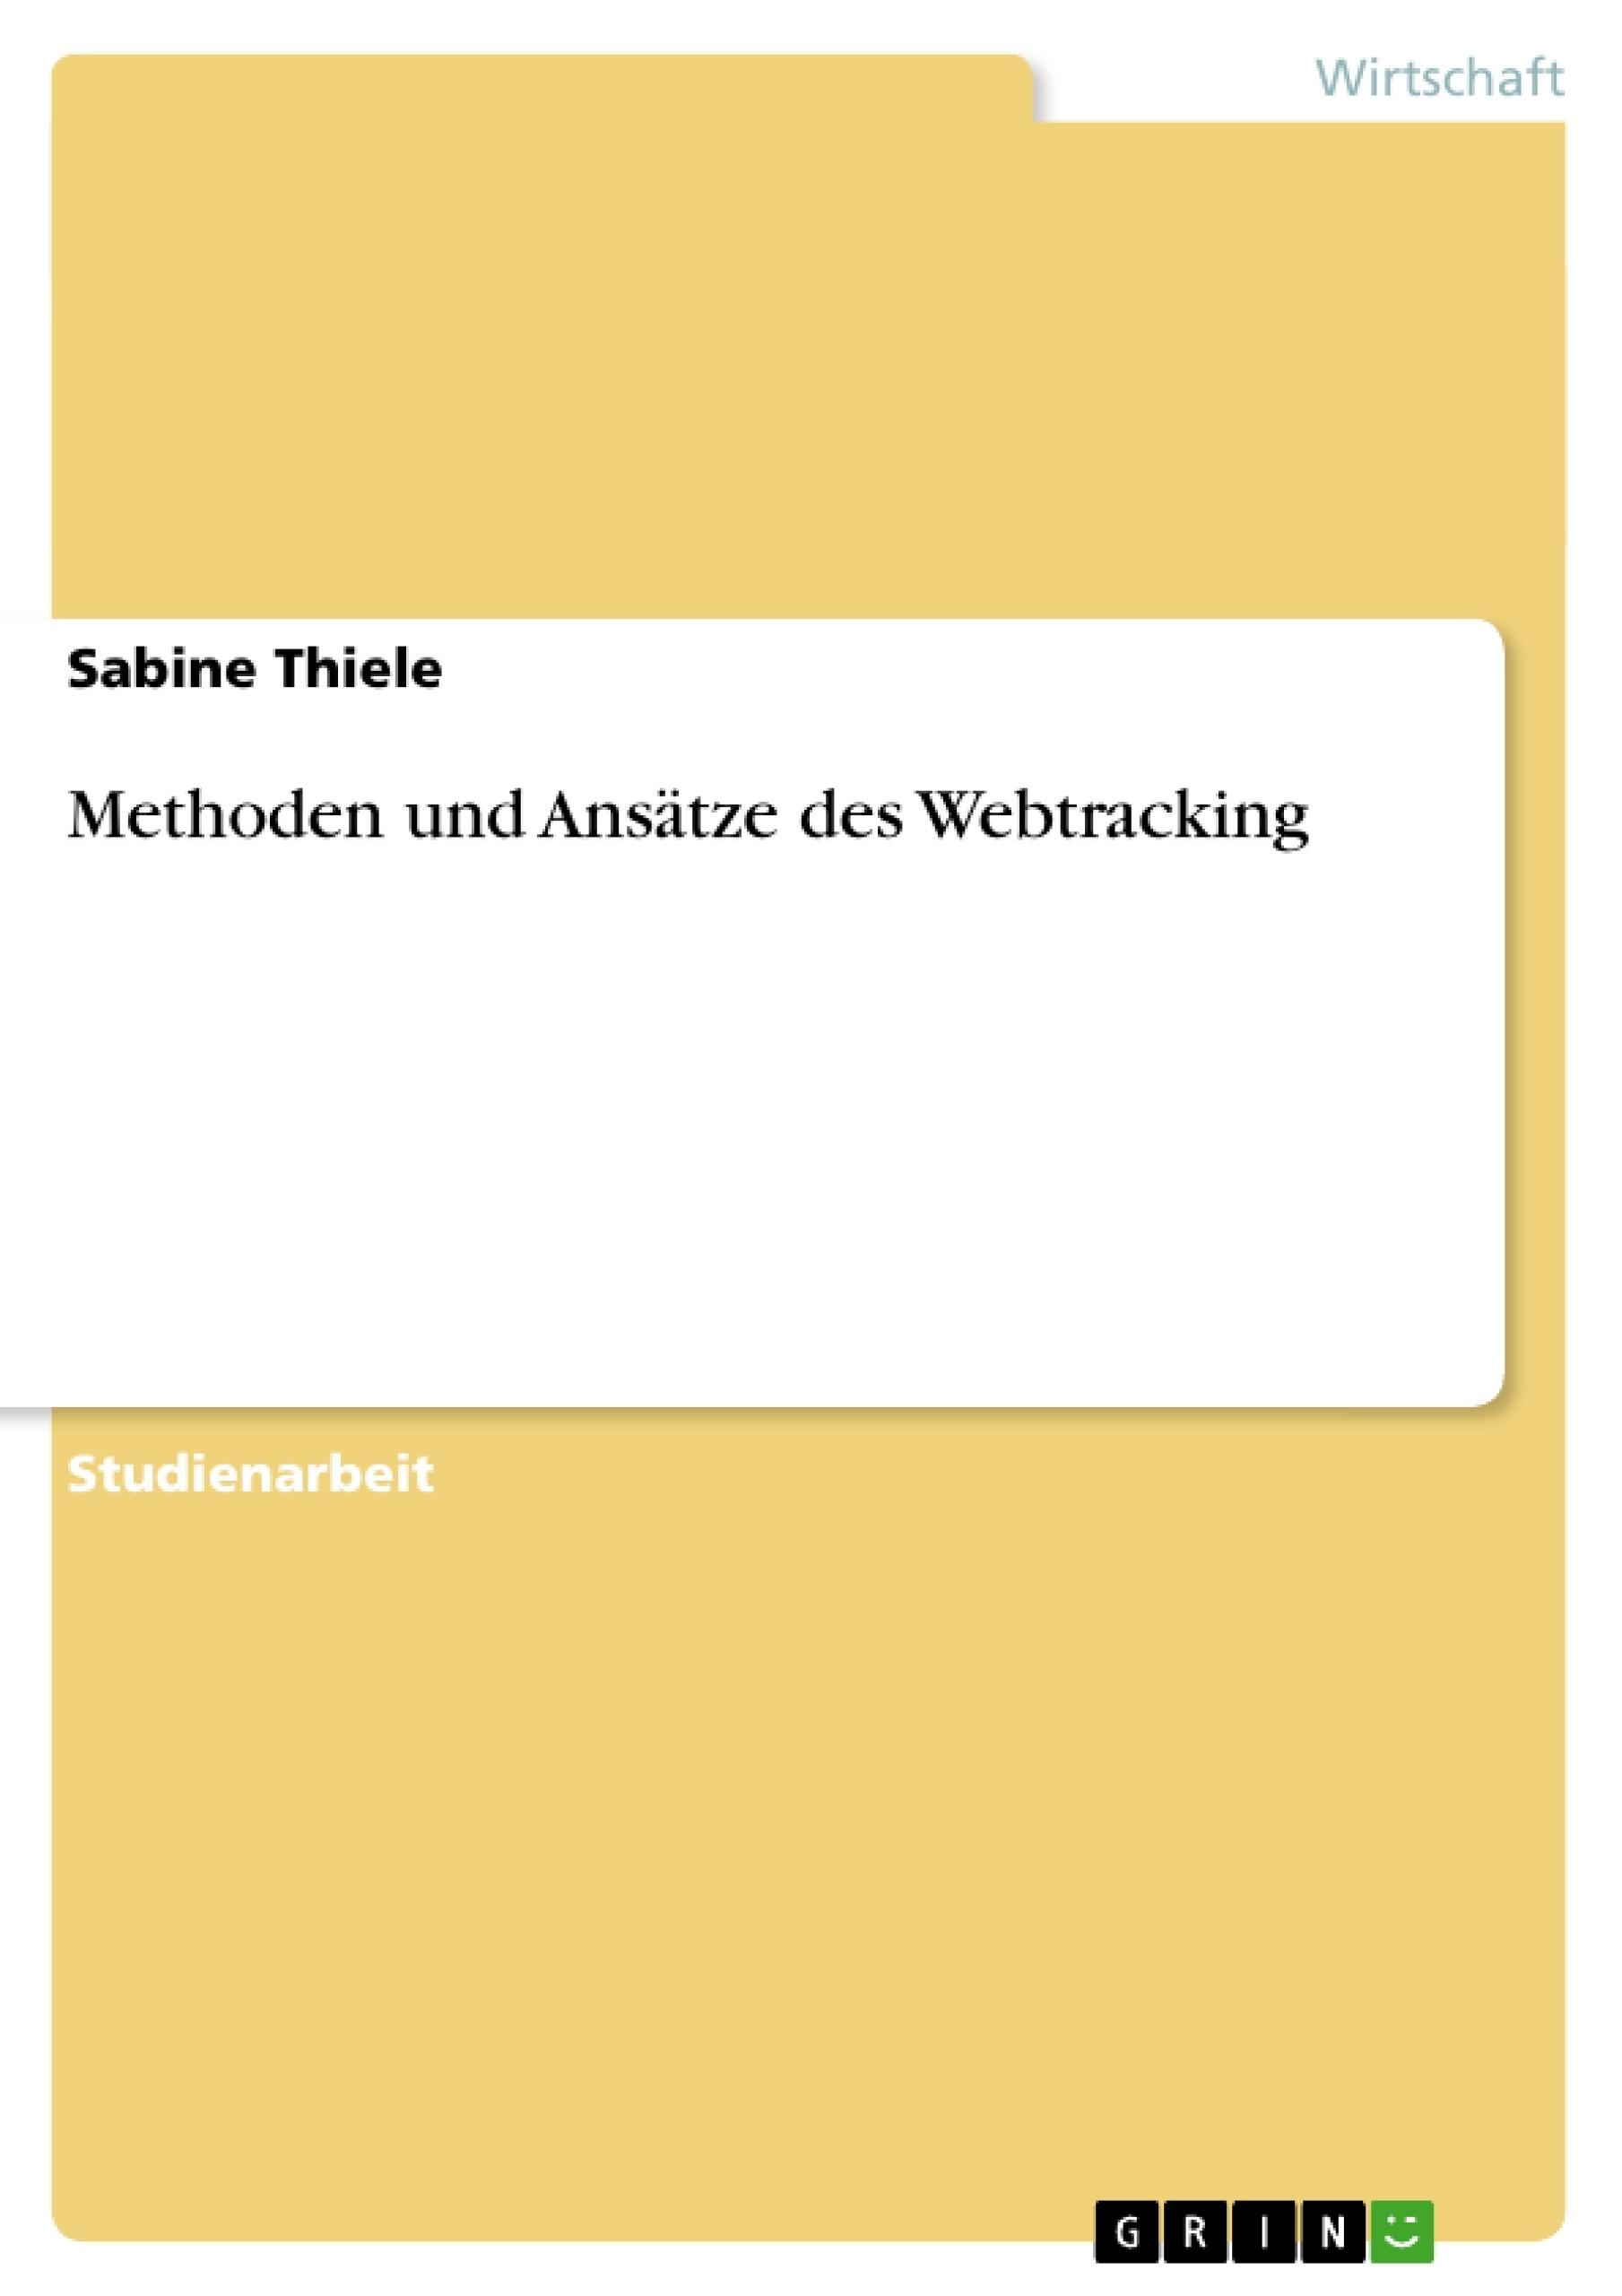 Titel: Methoden und Ansätze des Webtracking